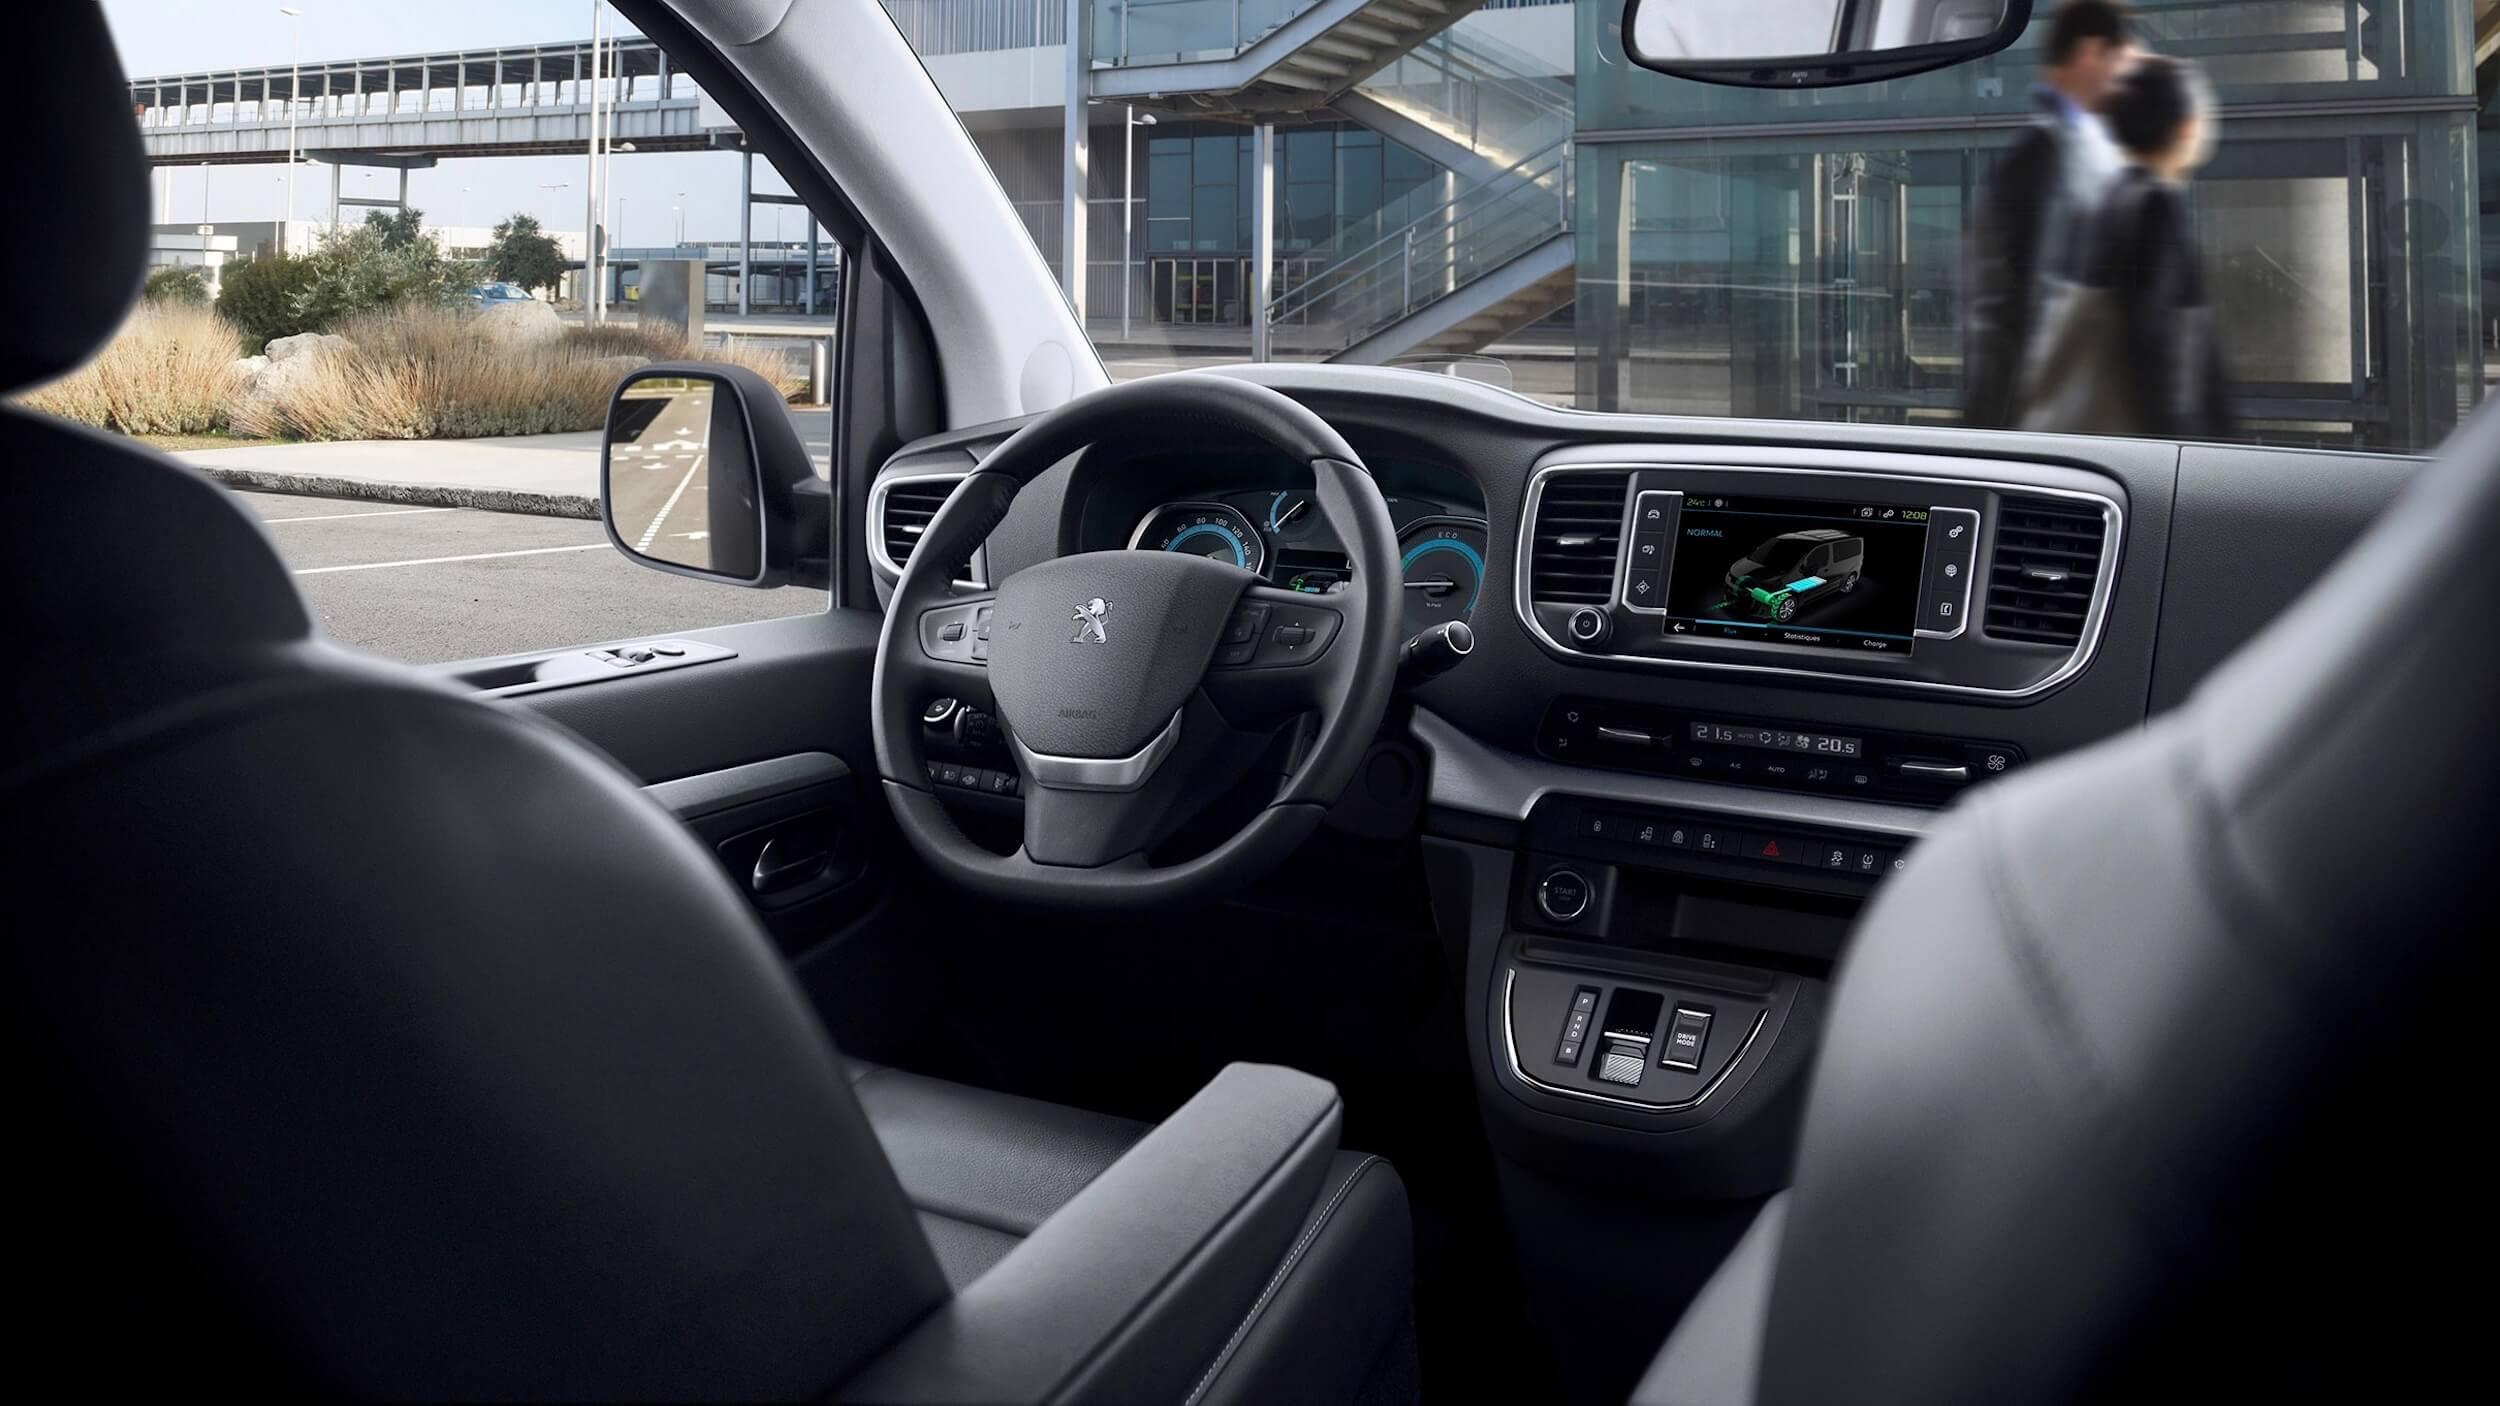 Peugeot e Traveller interieur